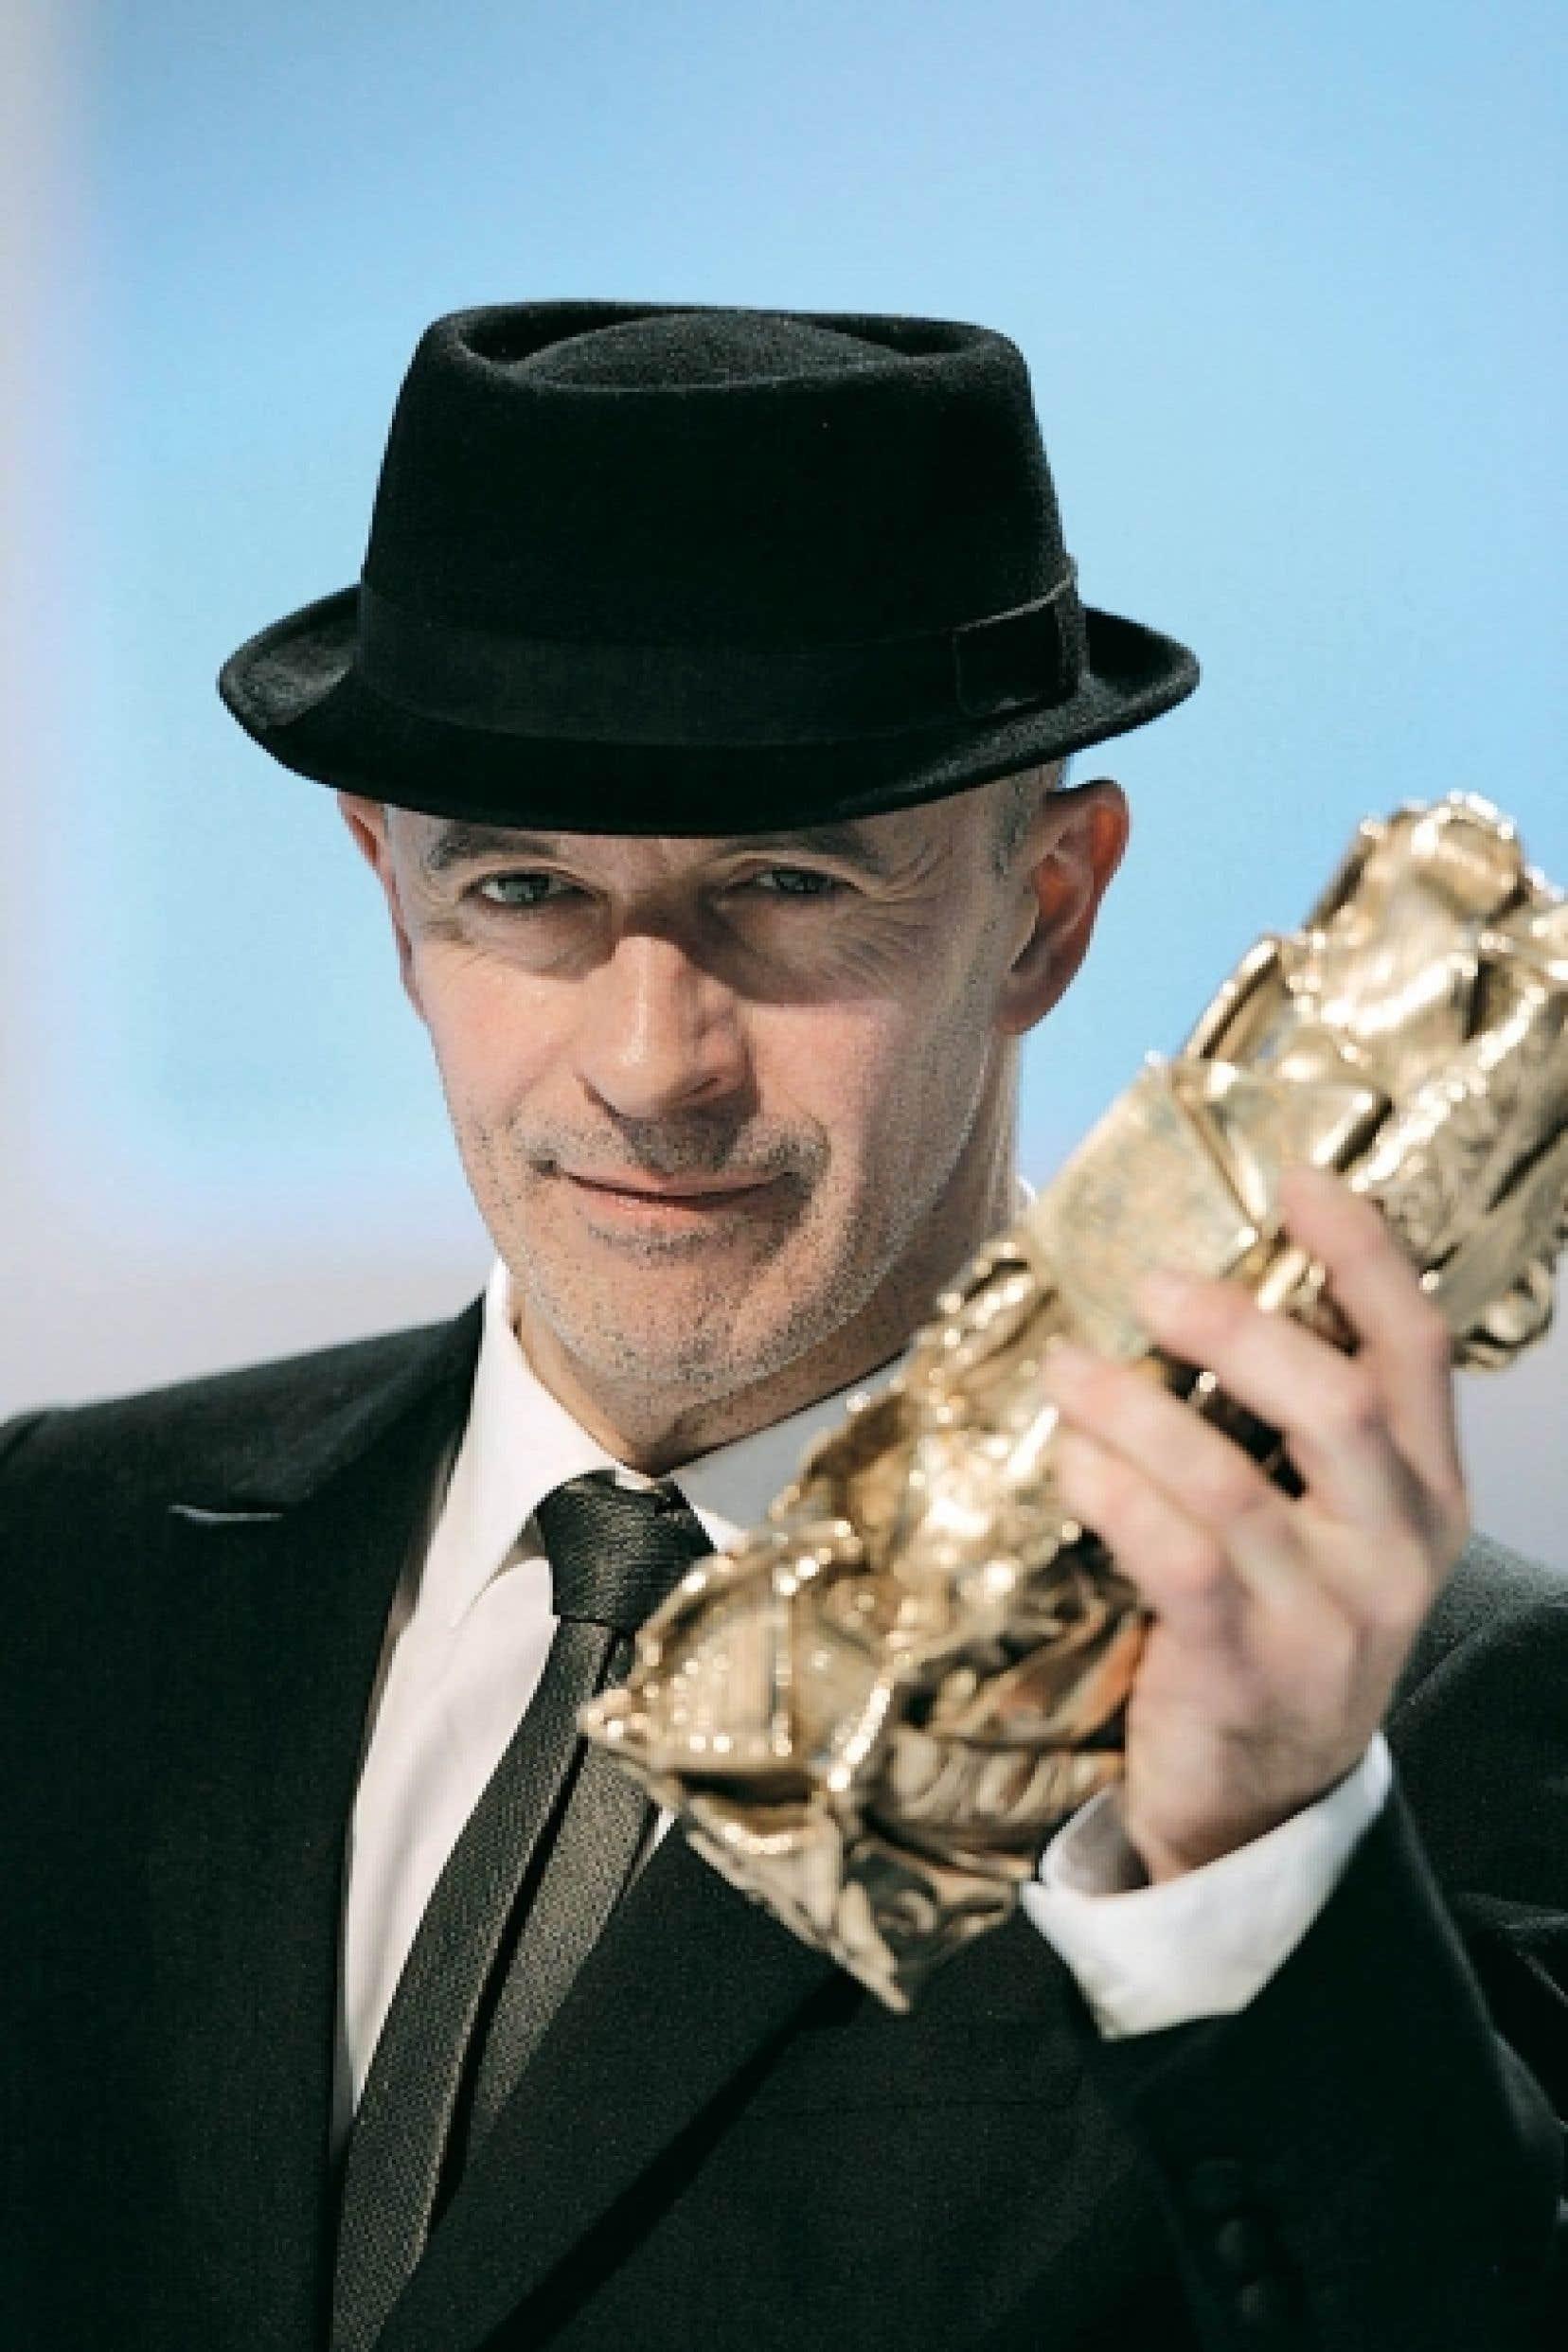 Jacques Audiard recevant samedi le César du meilleur réalisateur pour Un prophète, également élu meilleur film.